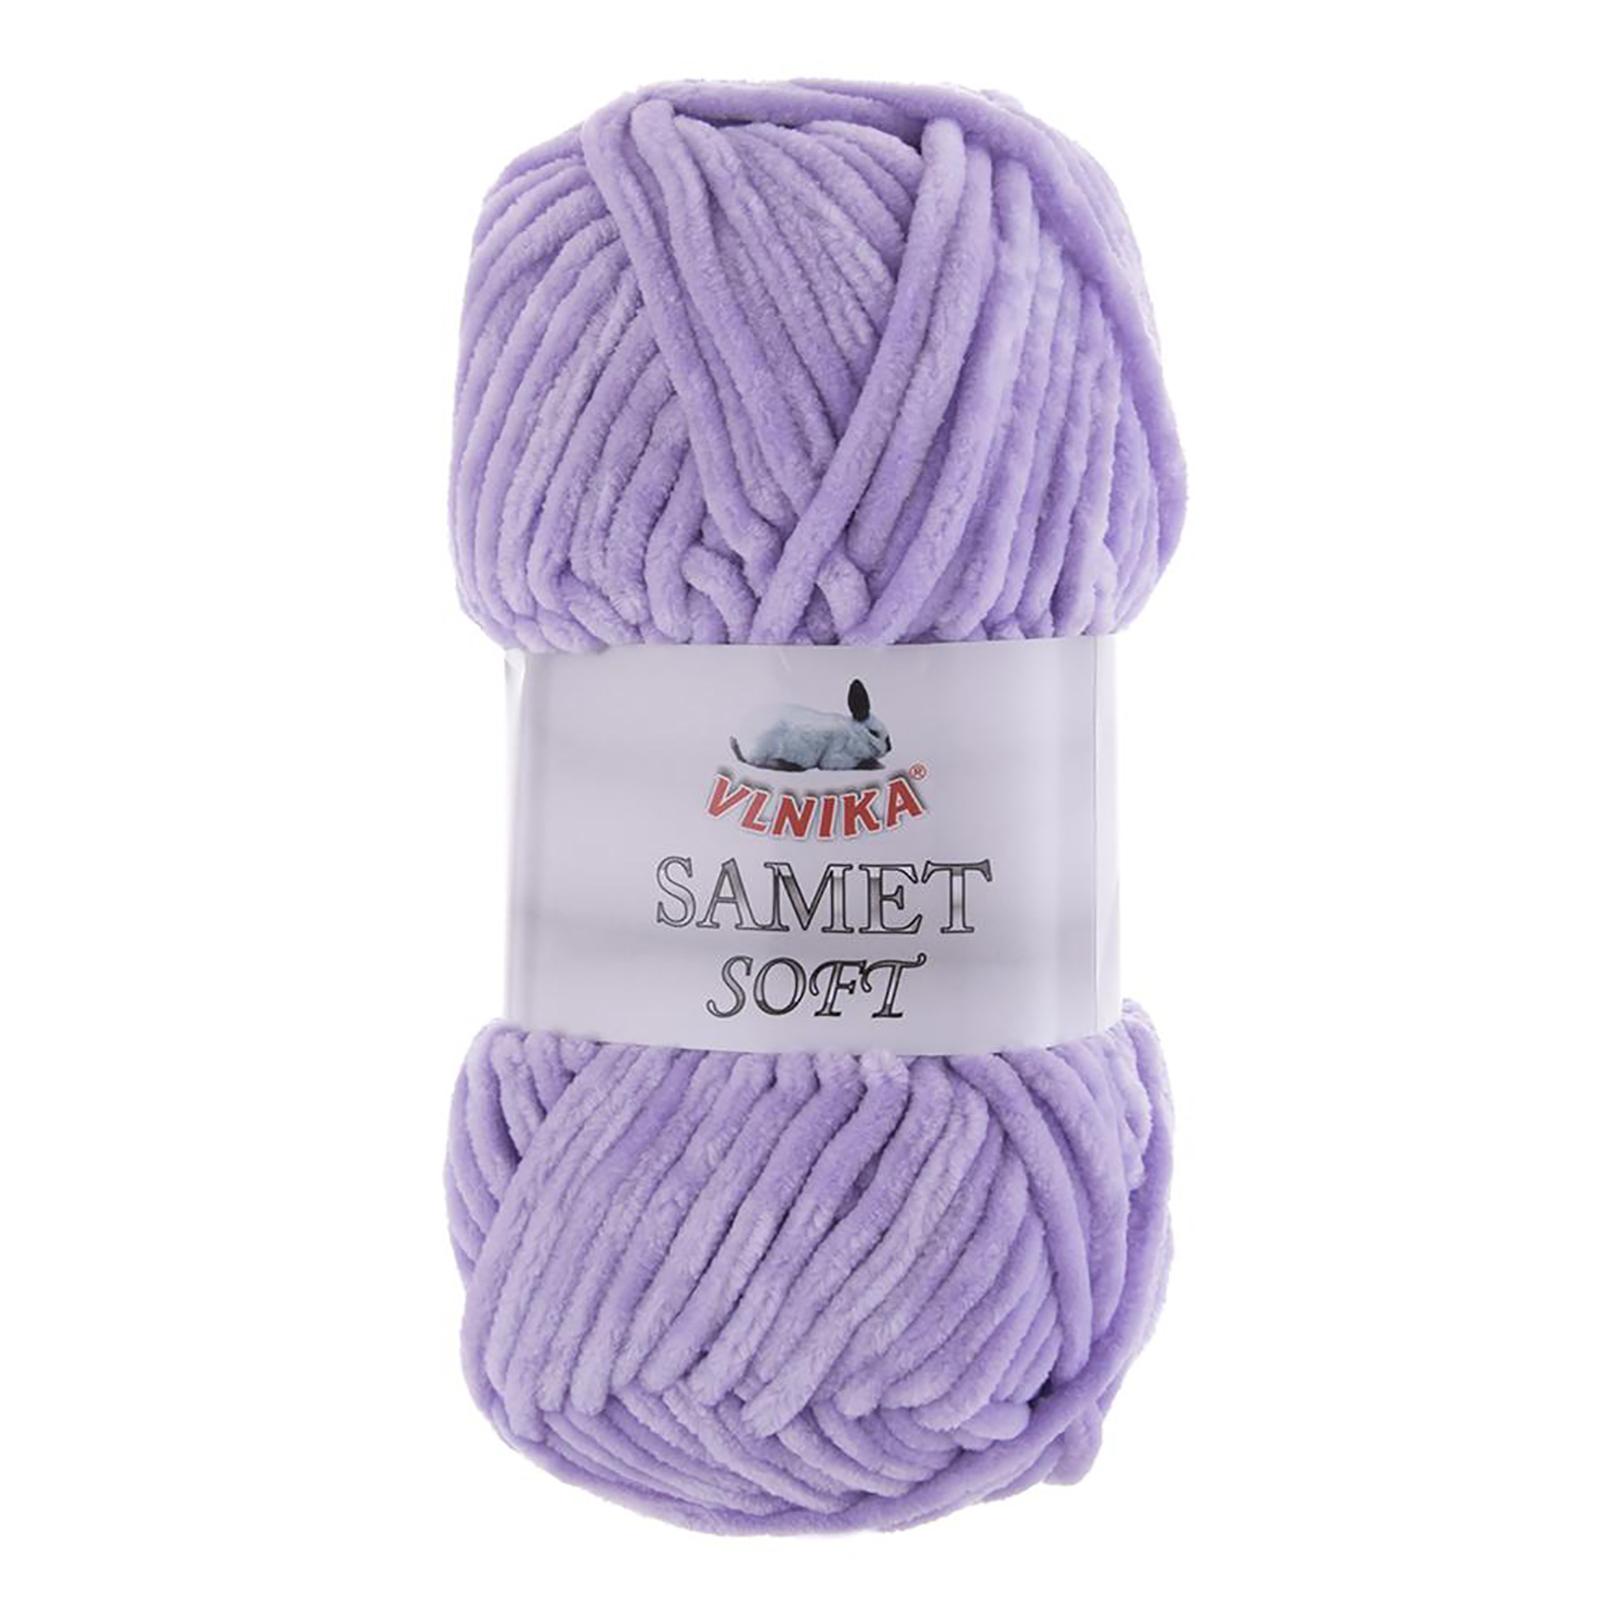 100g Strickgarn Samet Soft Chenille-Strickgarn Samtwolle Strickwolle flauschige Farbwahl – Bild 17